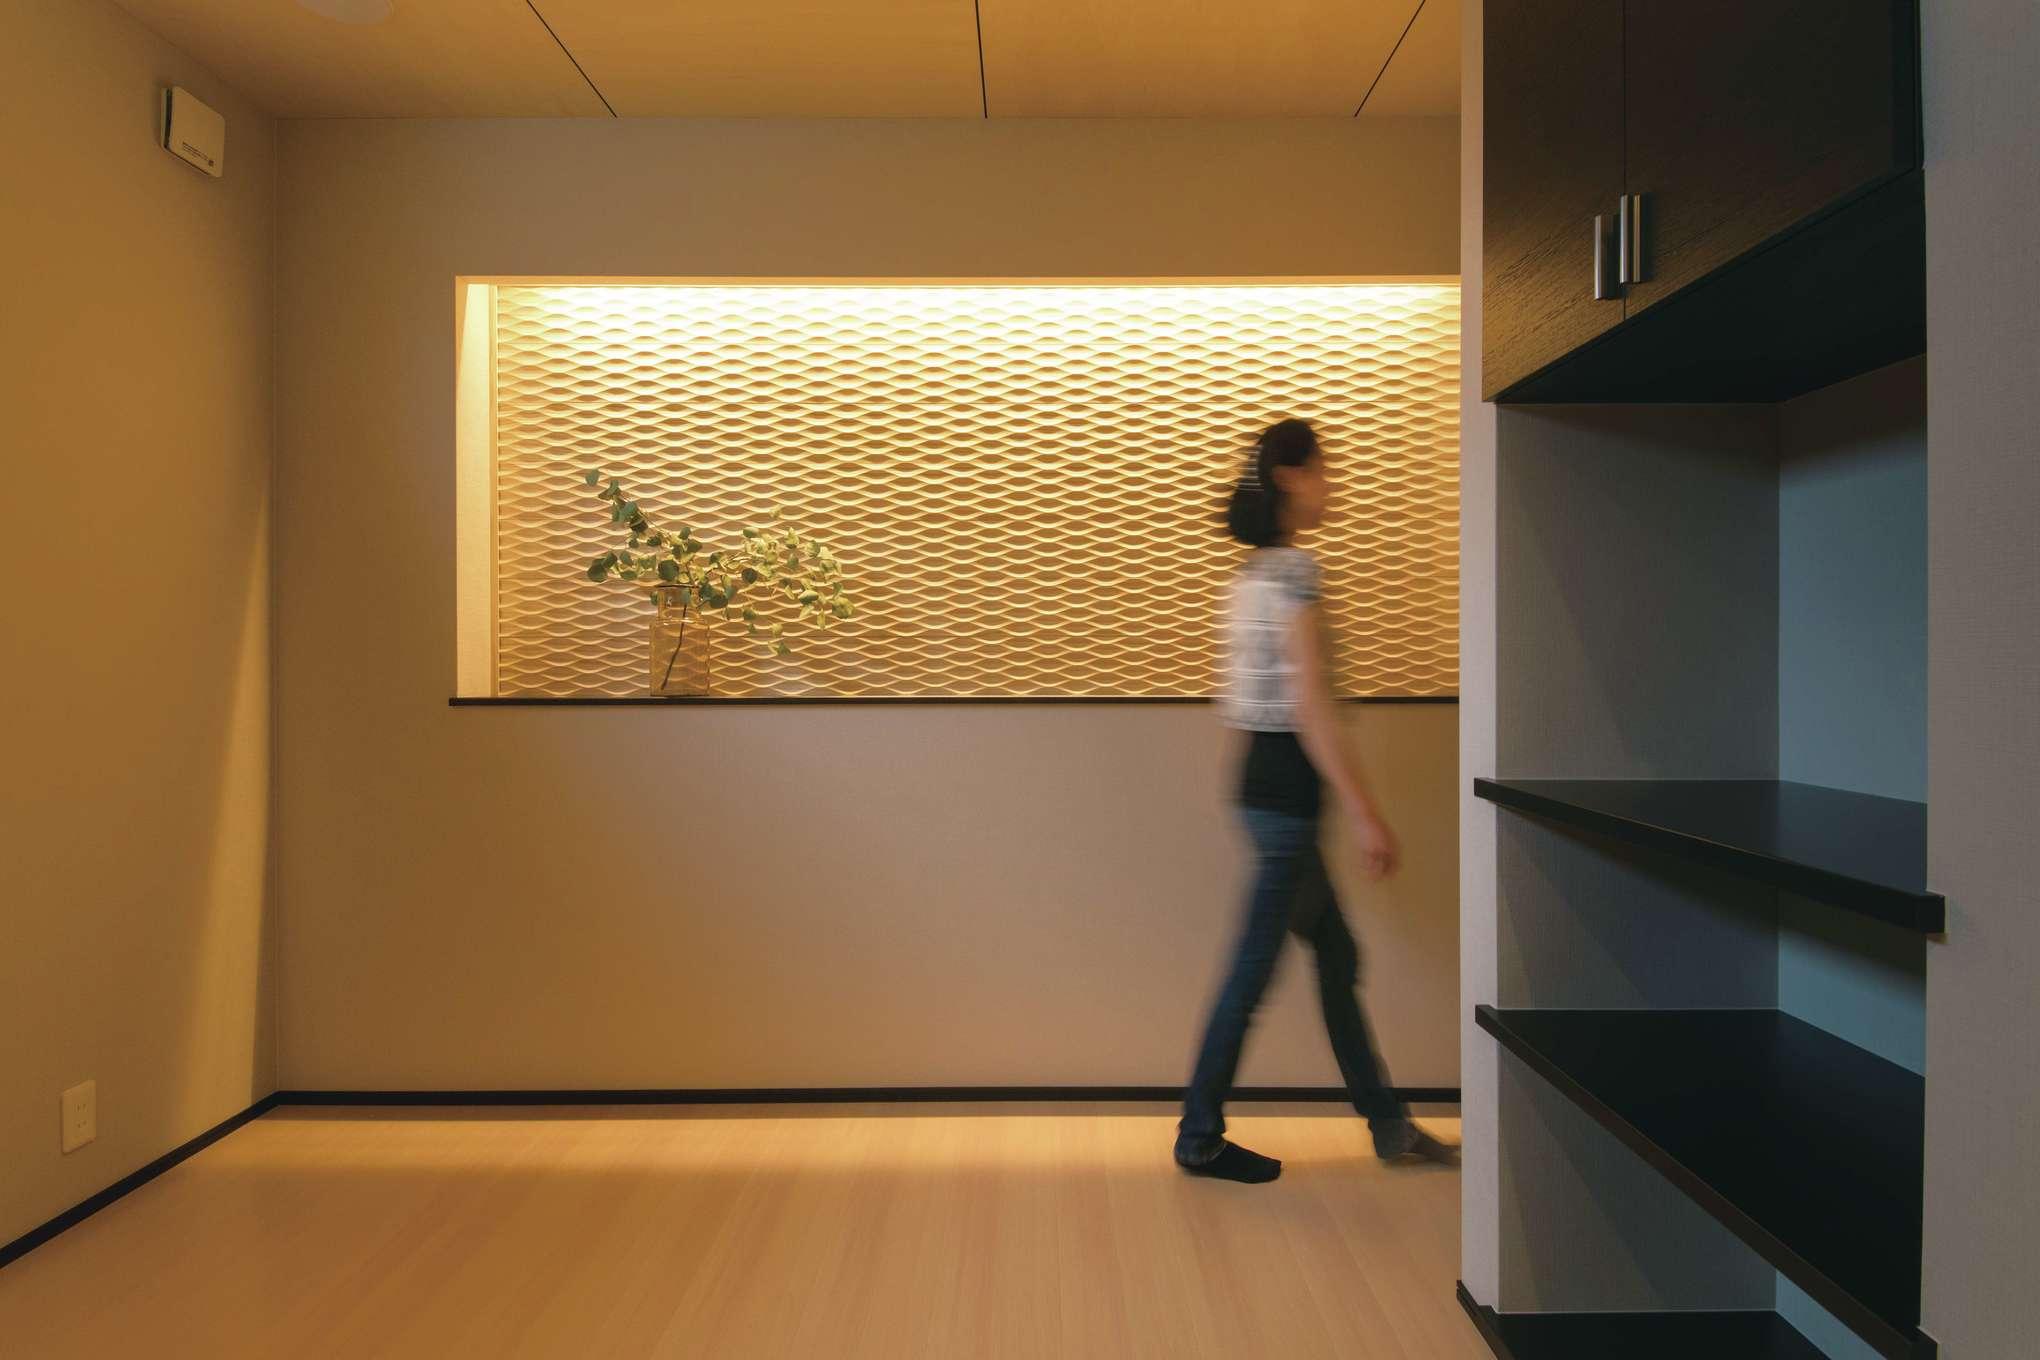 コットンハウス【省エネ、間取り、趣味】無垢のパネルの壁に心が安らぐリンパマッサージの施術スペース